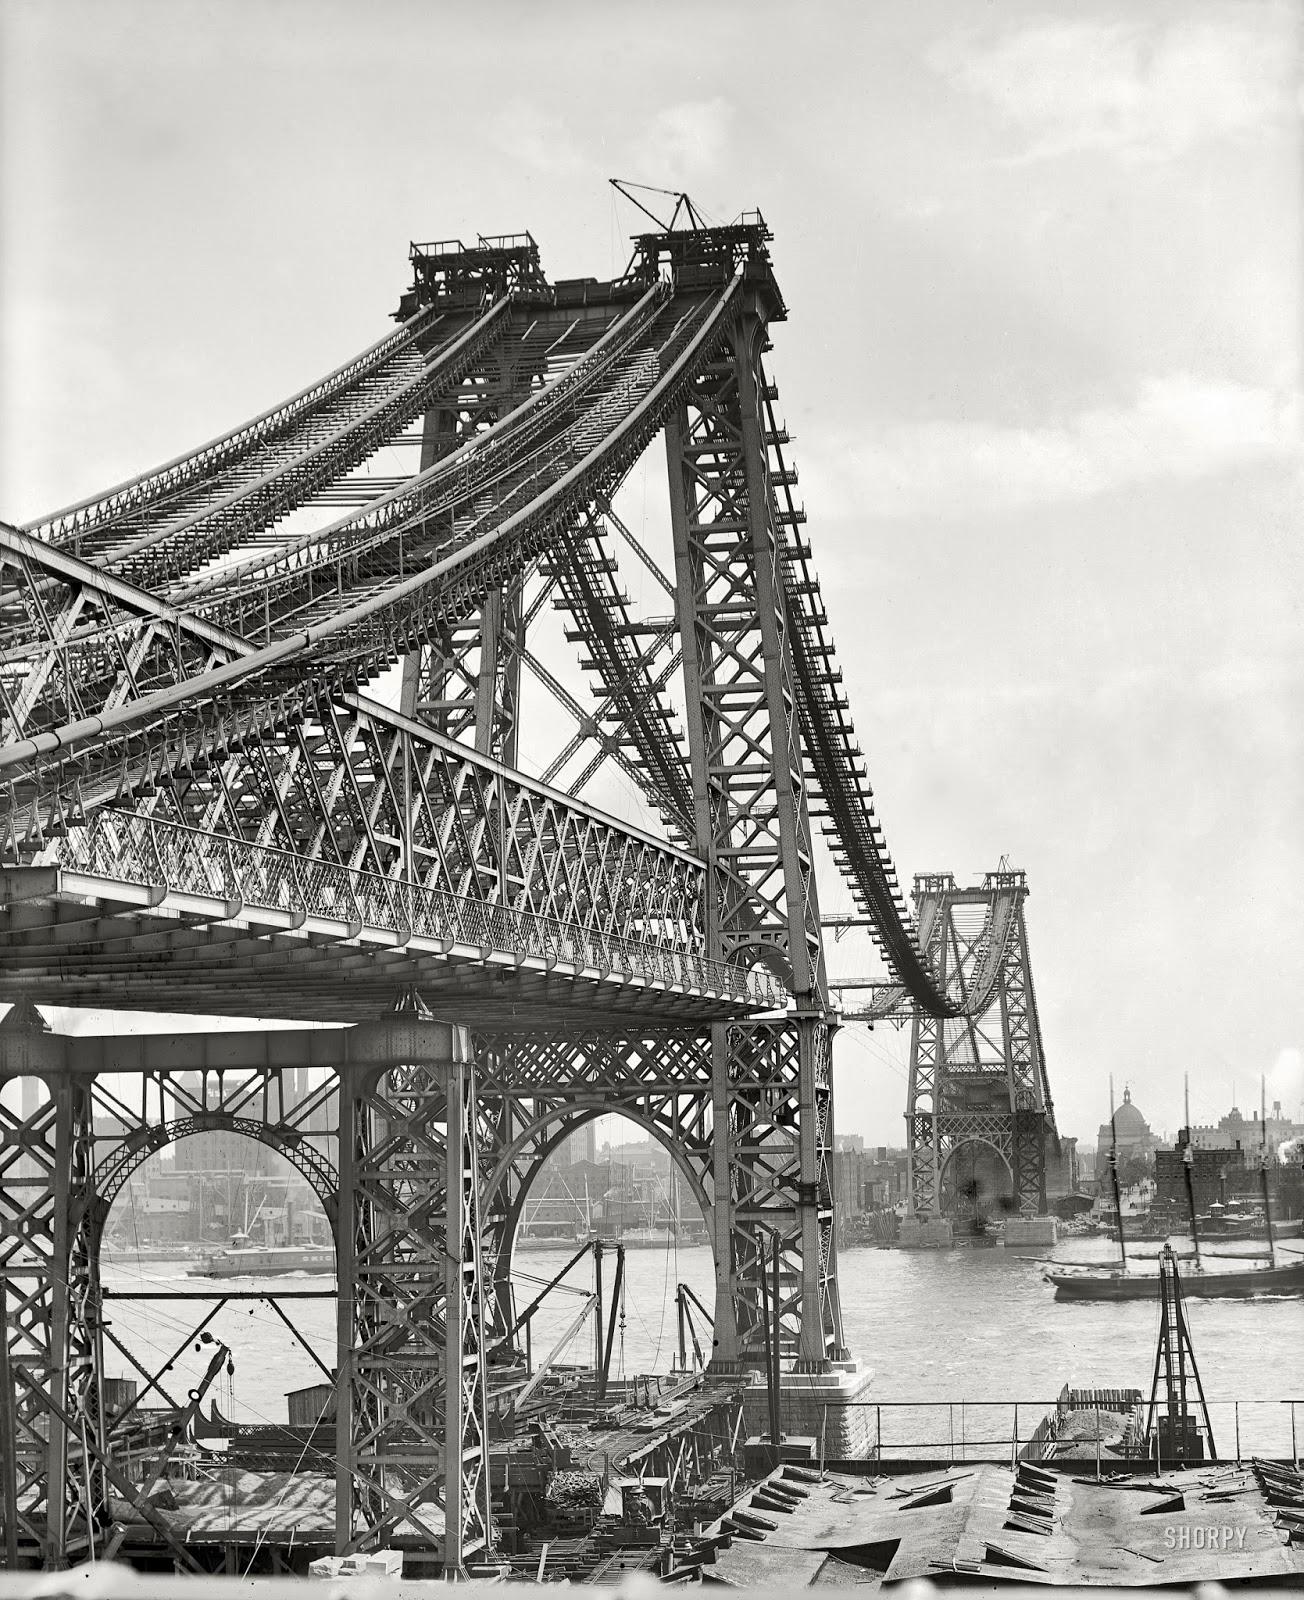 http://mt.wiglaf.org/aaronm/2014/03/09/bridge3.jpg